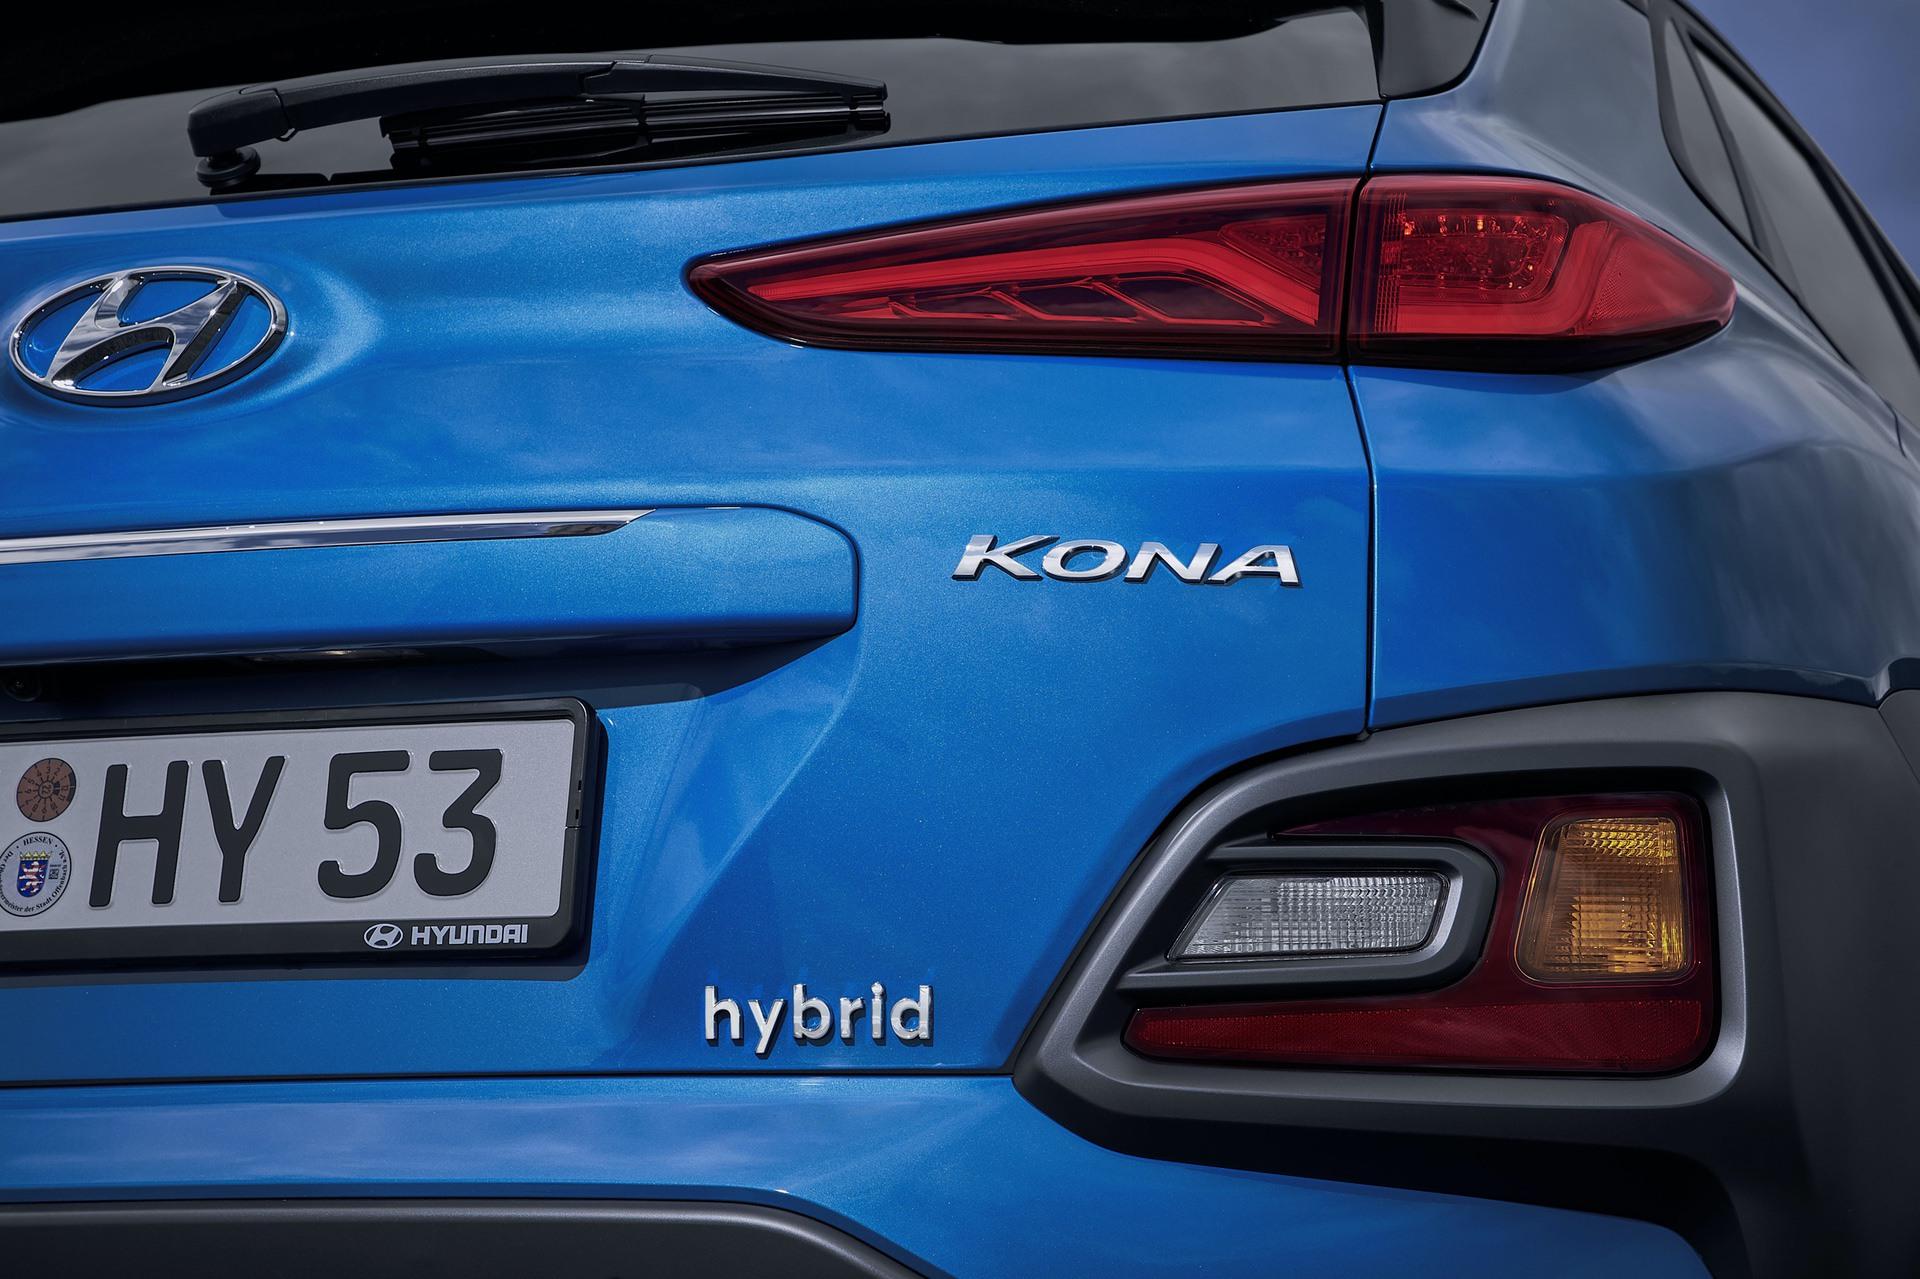 2020_Hyundai_Kona_Hybrid_0012